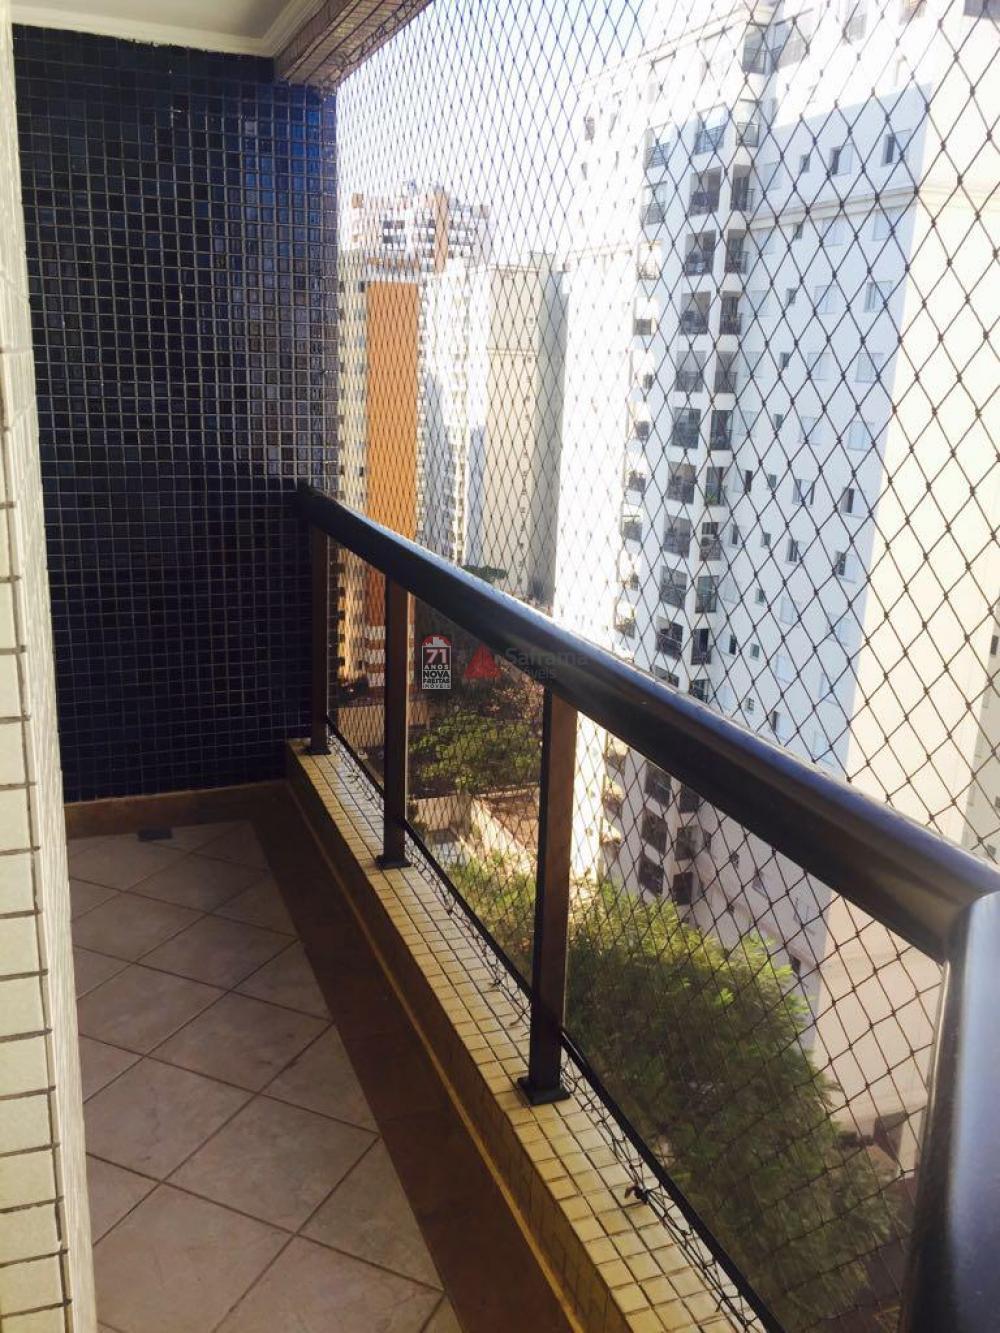 Comprar Apartamento / Padrão em São José dos Campos apenas R$ 530.000,00 - Foto 3